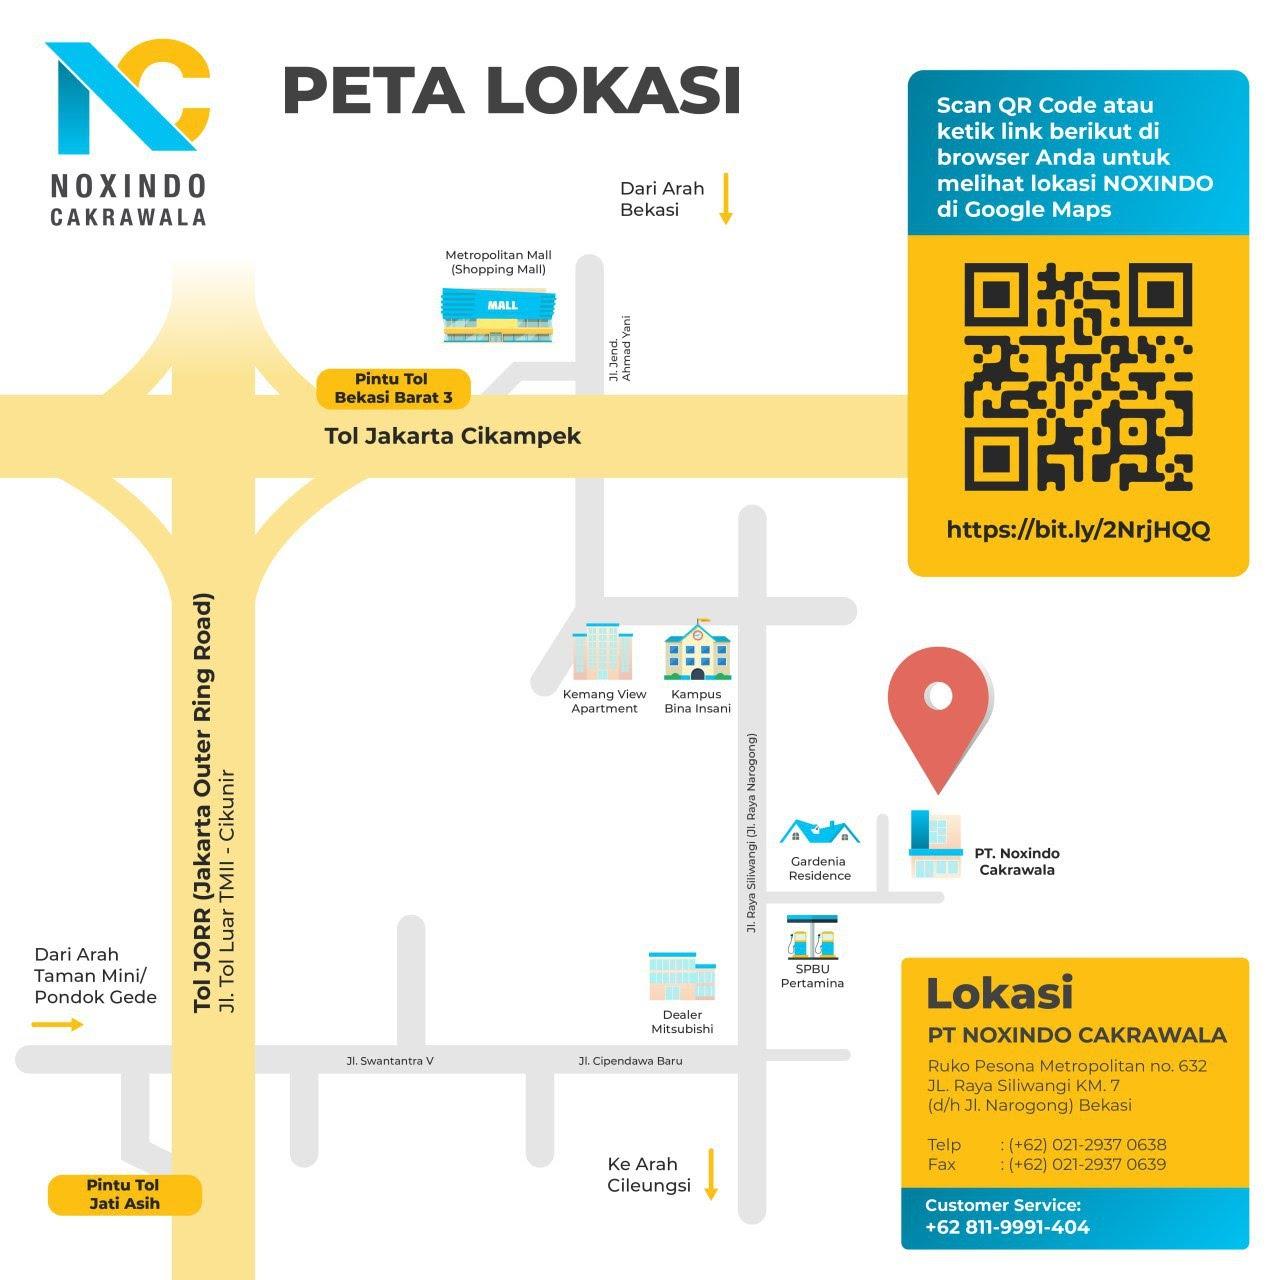 Sket Denah Peta Menuju PT Noxindo Cakrawala